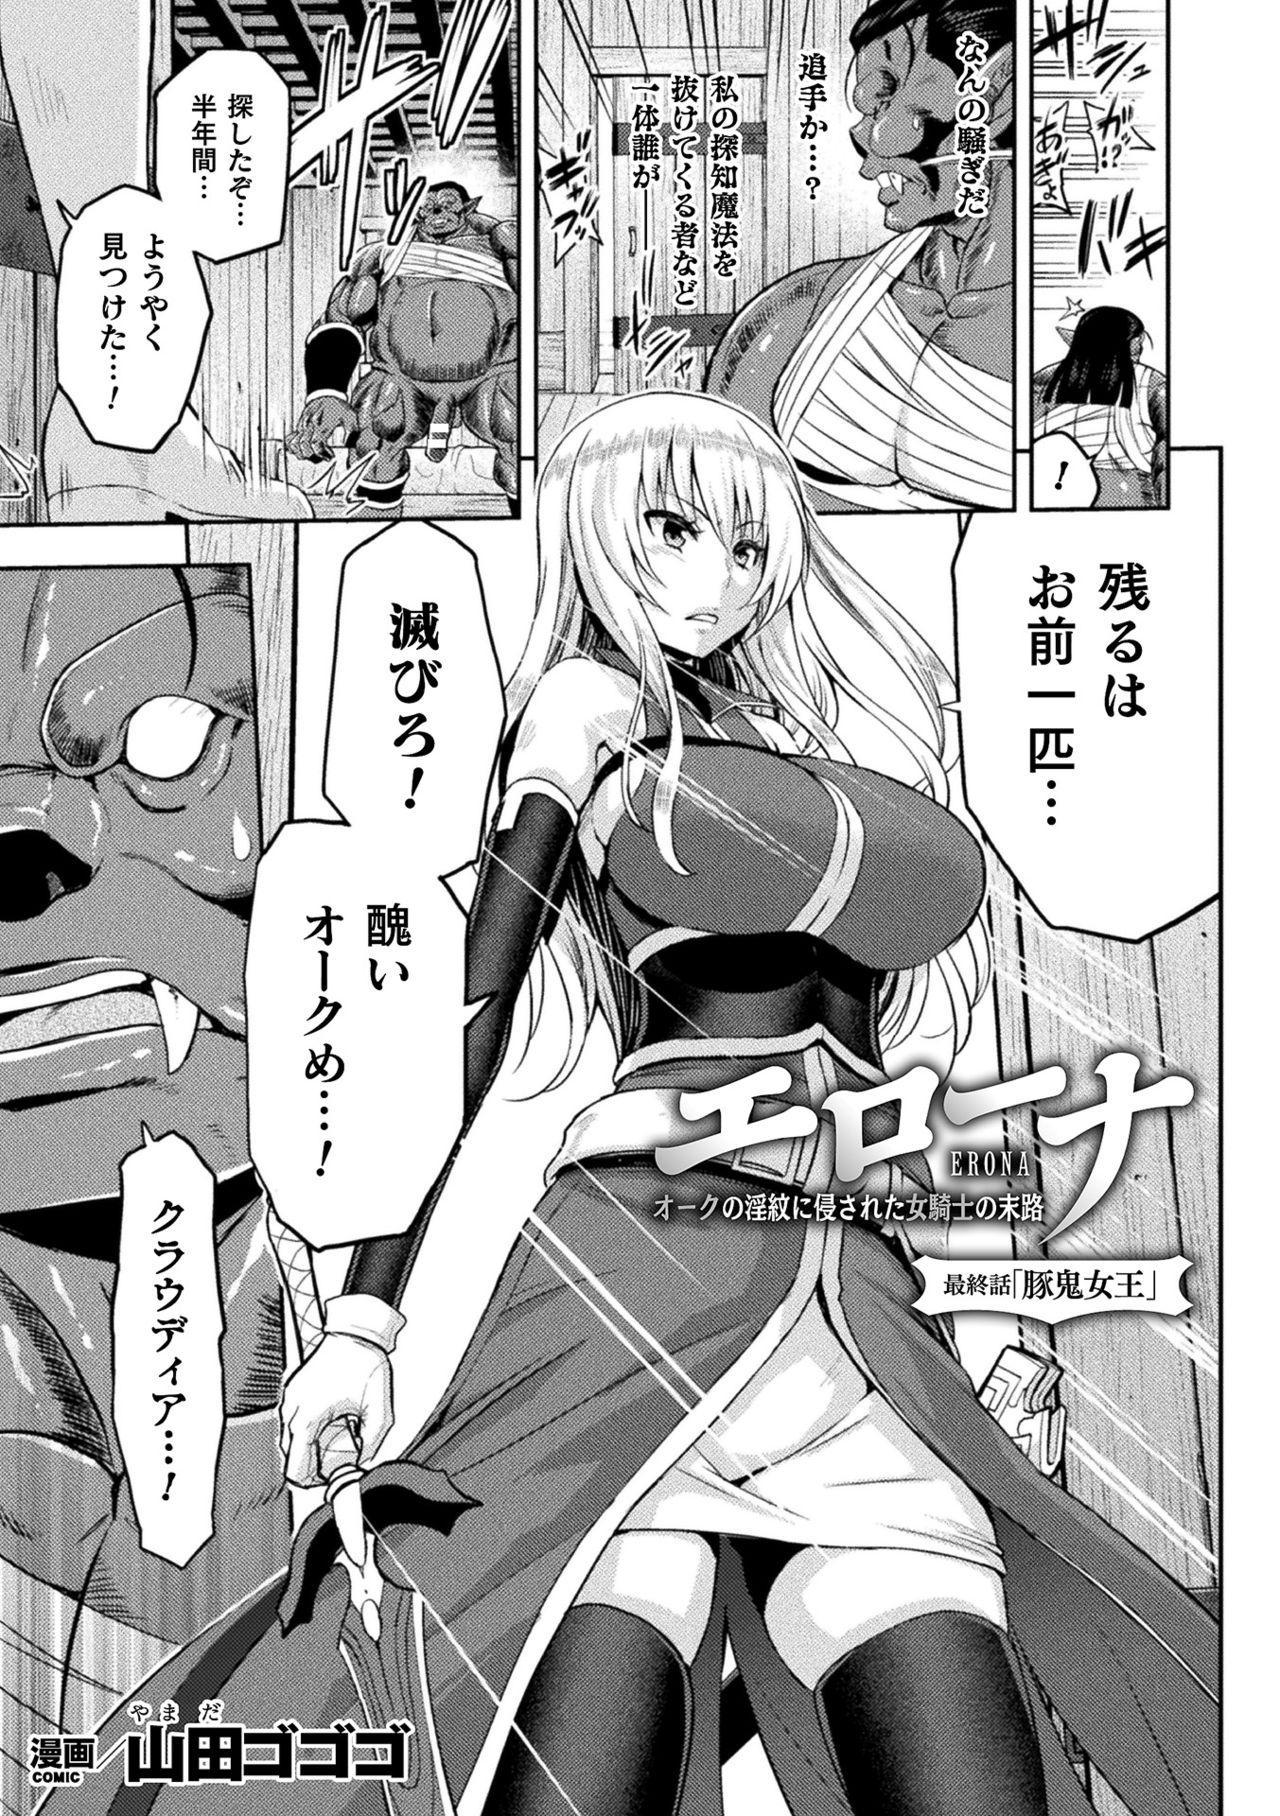 ERONA Orc no Inmon ni Okasareta Onna Kishi no Matsuro 154